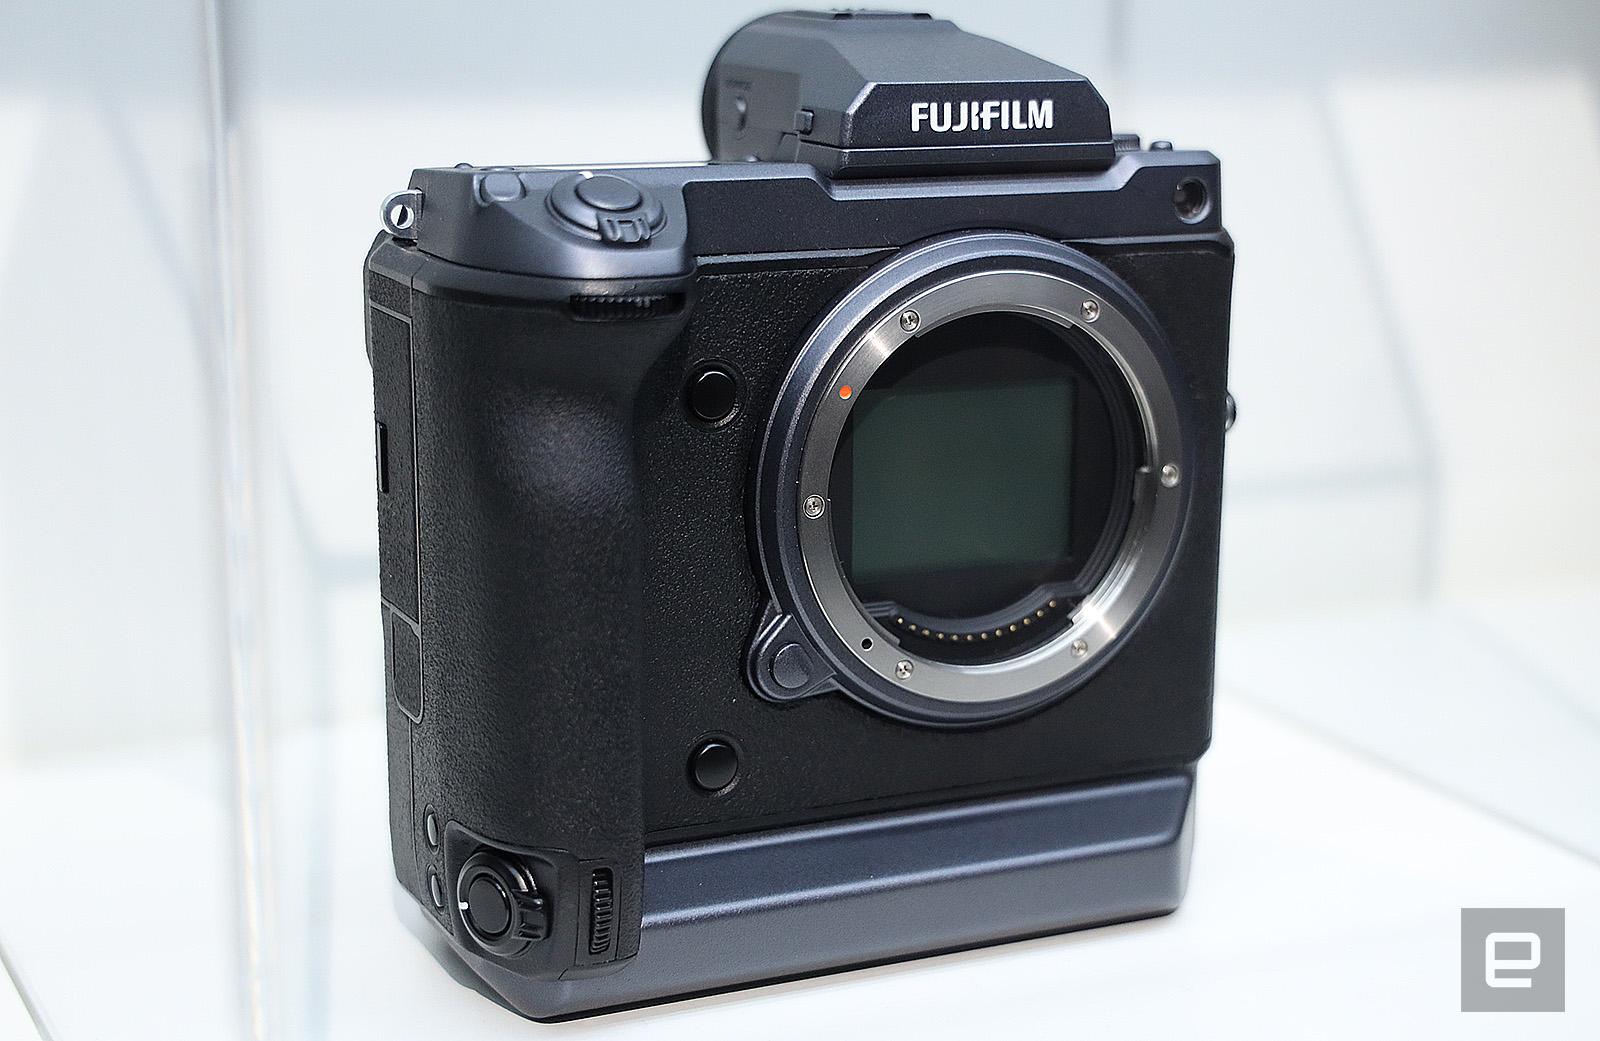 A closer look at Fujifilm's GFX 50R and GFX 100 medium